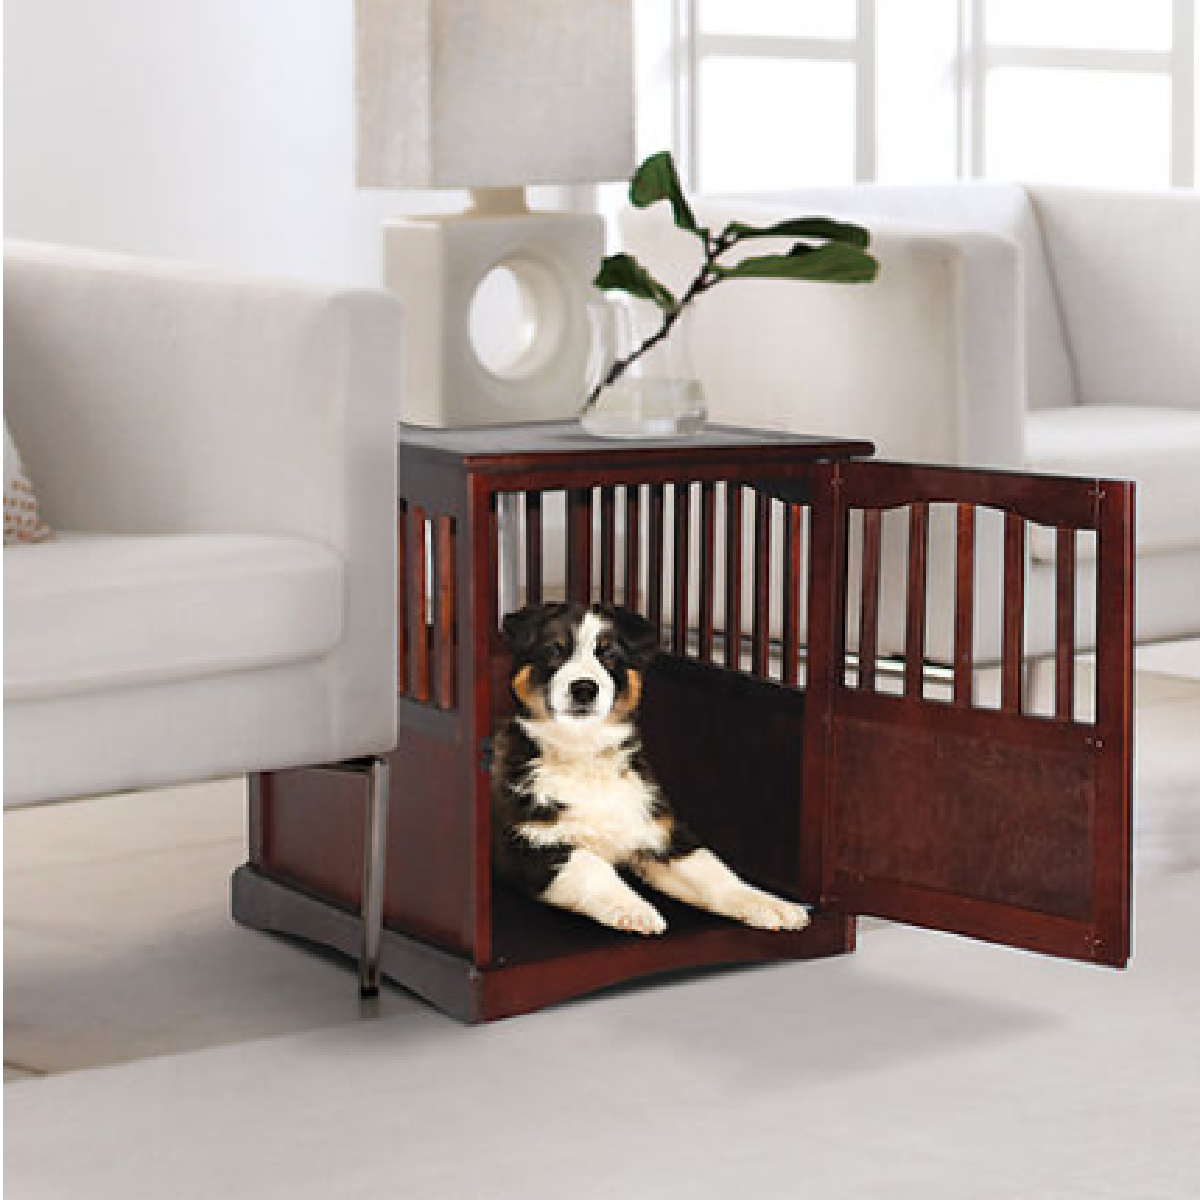 cadeaux 2 ouf id es de cadeaux insolites et originaux une niche d int rieur qui fait aussi. Black Bedroom Furniture Sets. Home Design Ideas